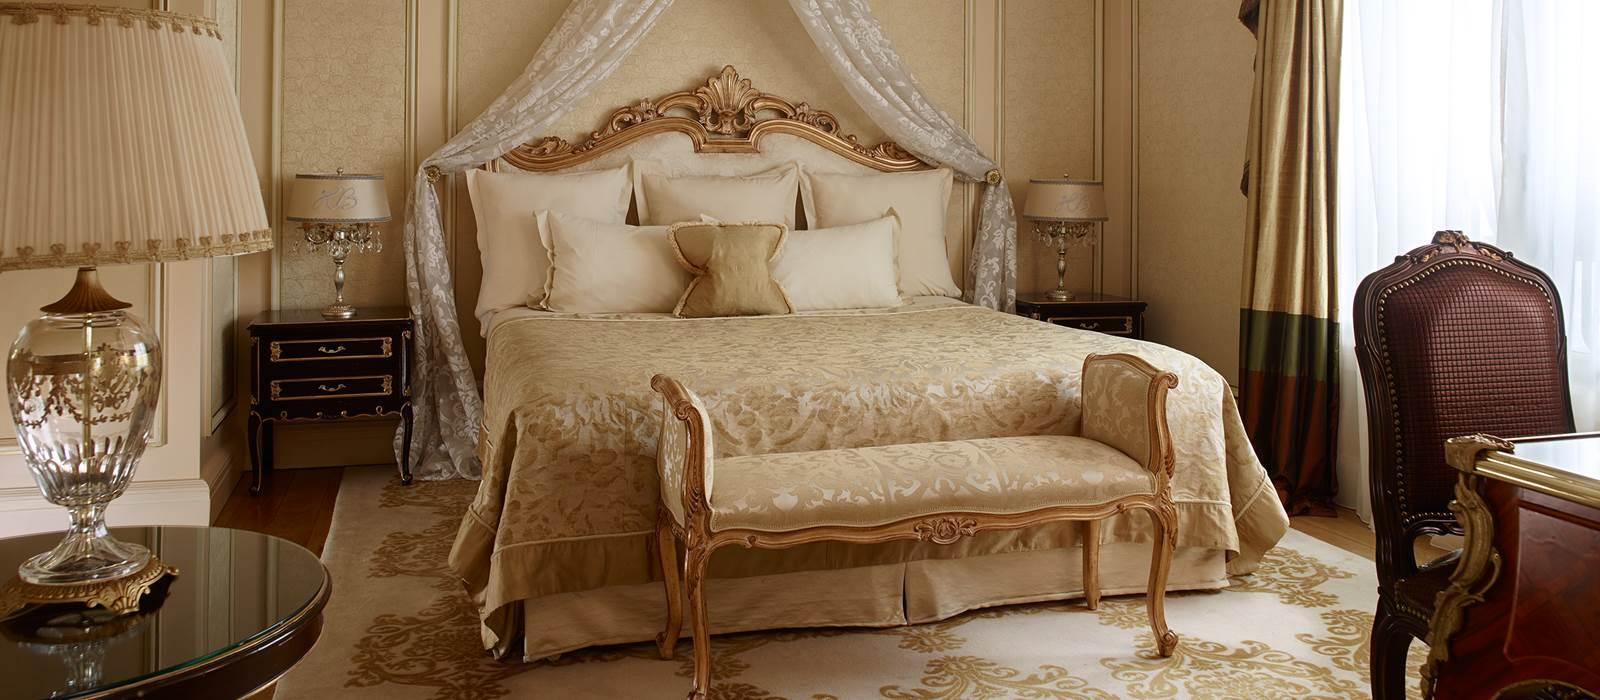 5 Star Hotel Rooms And Suites H Tel Balzac Paris